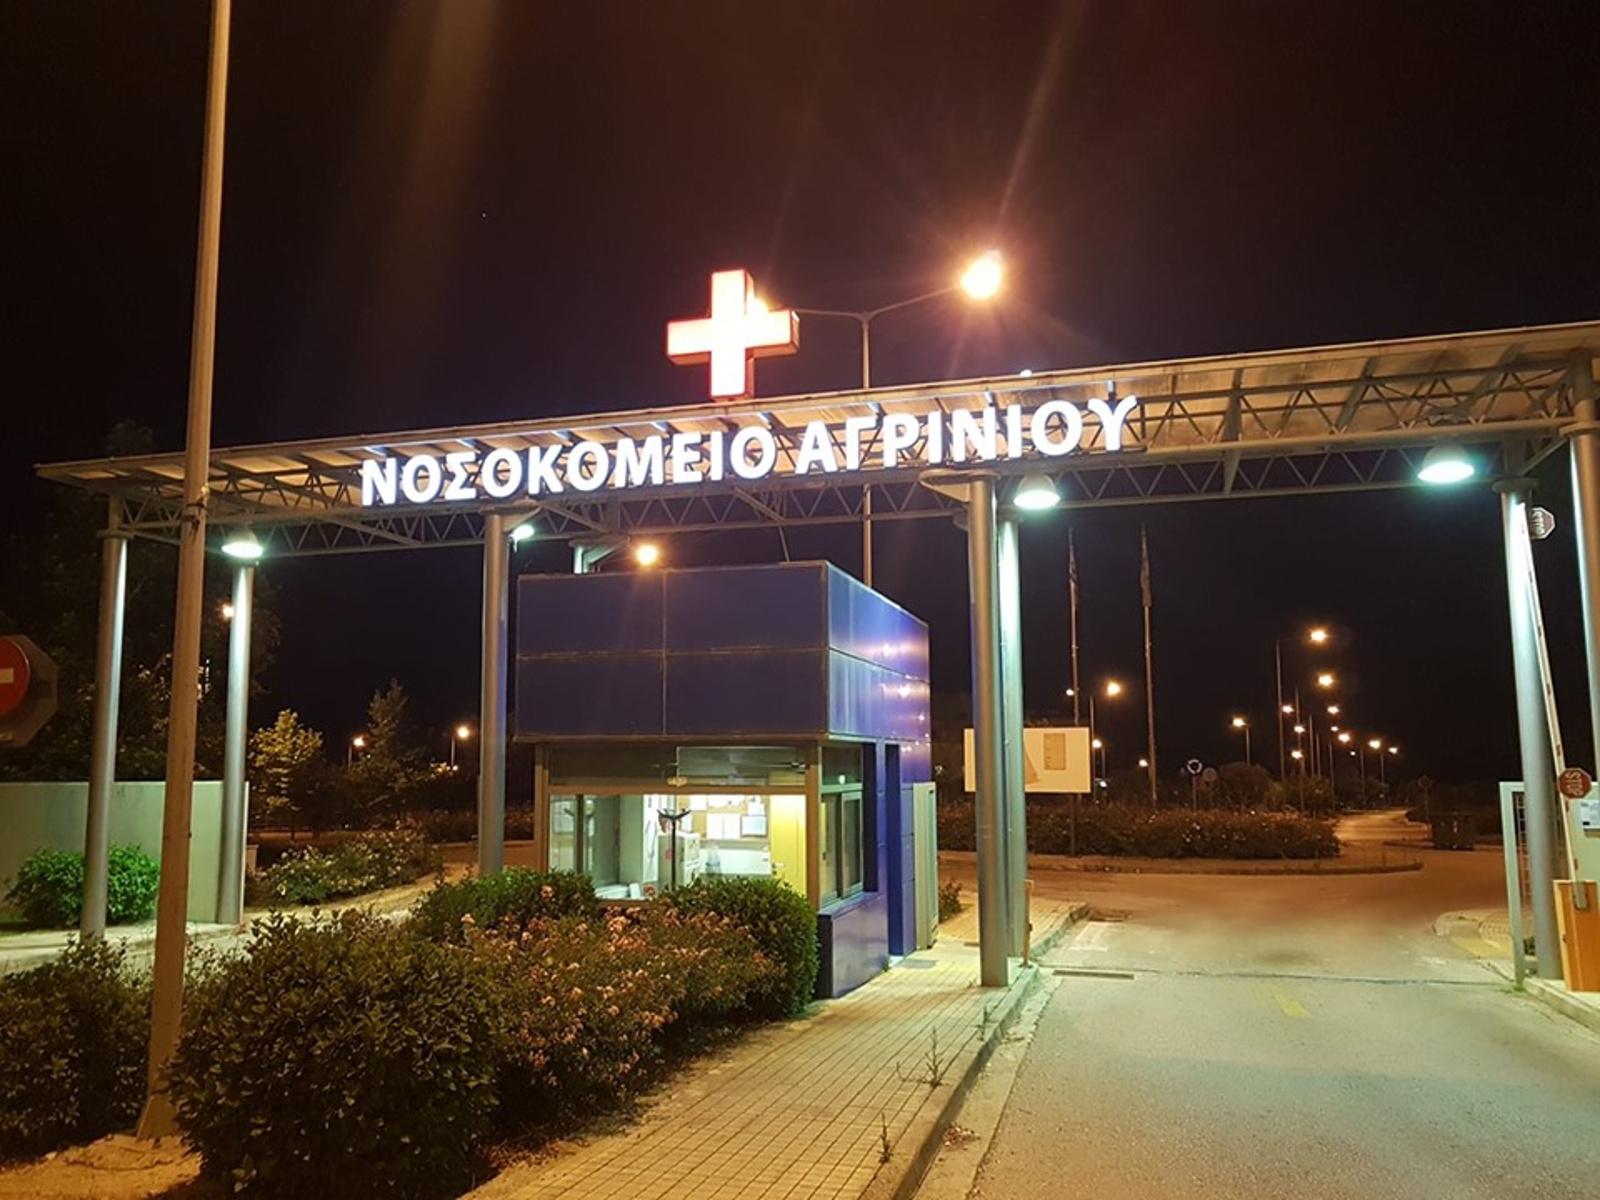 Κορονοϊός: Συναγερμός στο νοσοκομείο Αγρινίου - Θετικοί 11 ασθενείς στην  παθολογική κλινική